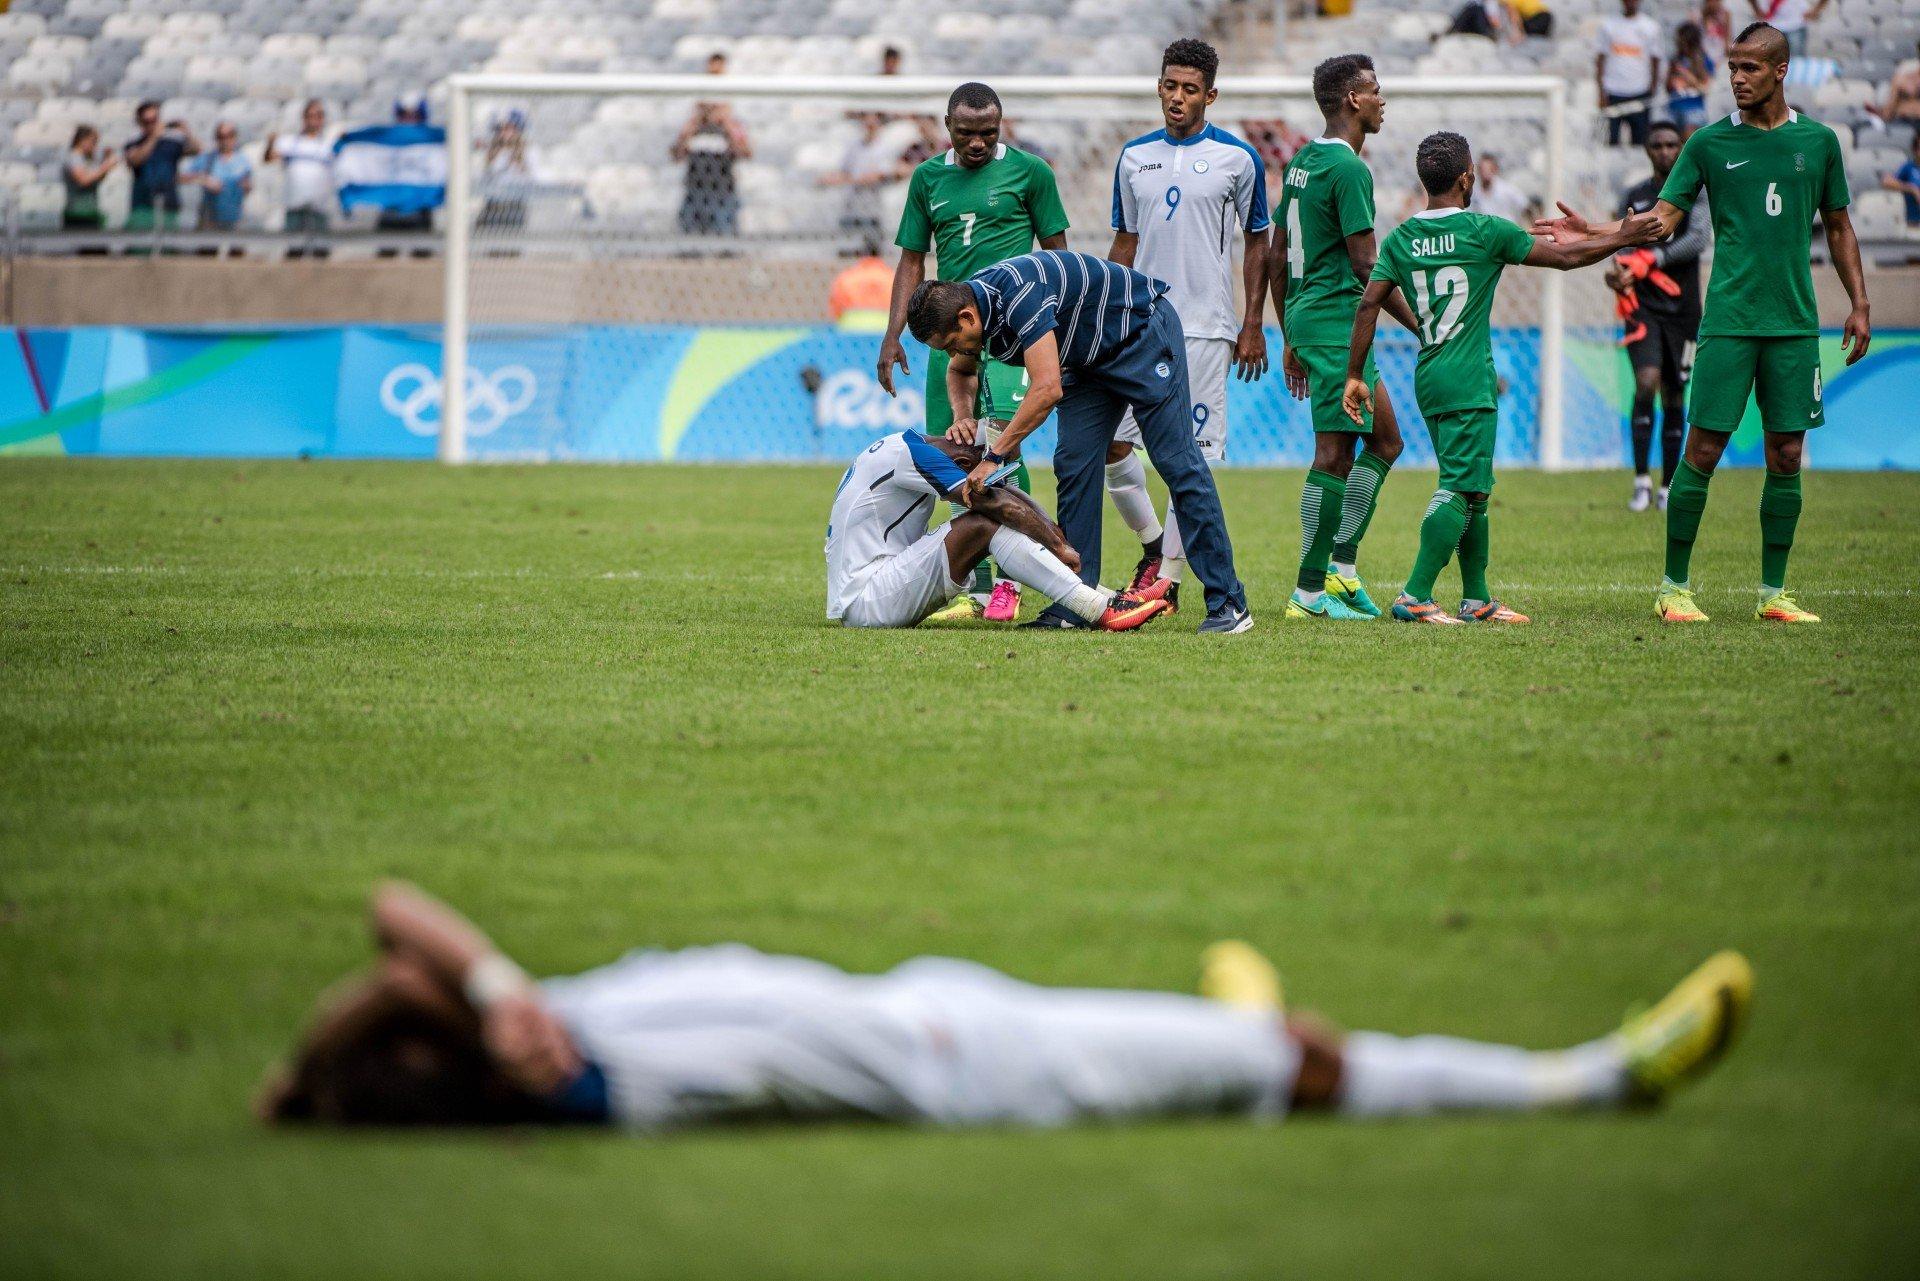 Nigéria faz 3 a 2 em Honduras e fica com o bronze no futebol ... c6cd2845c6c4a